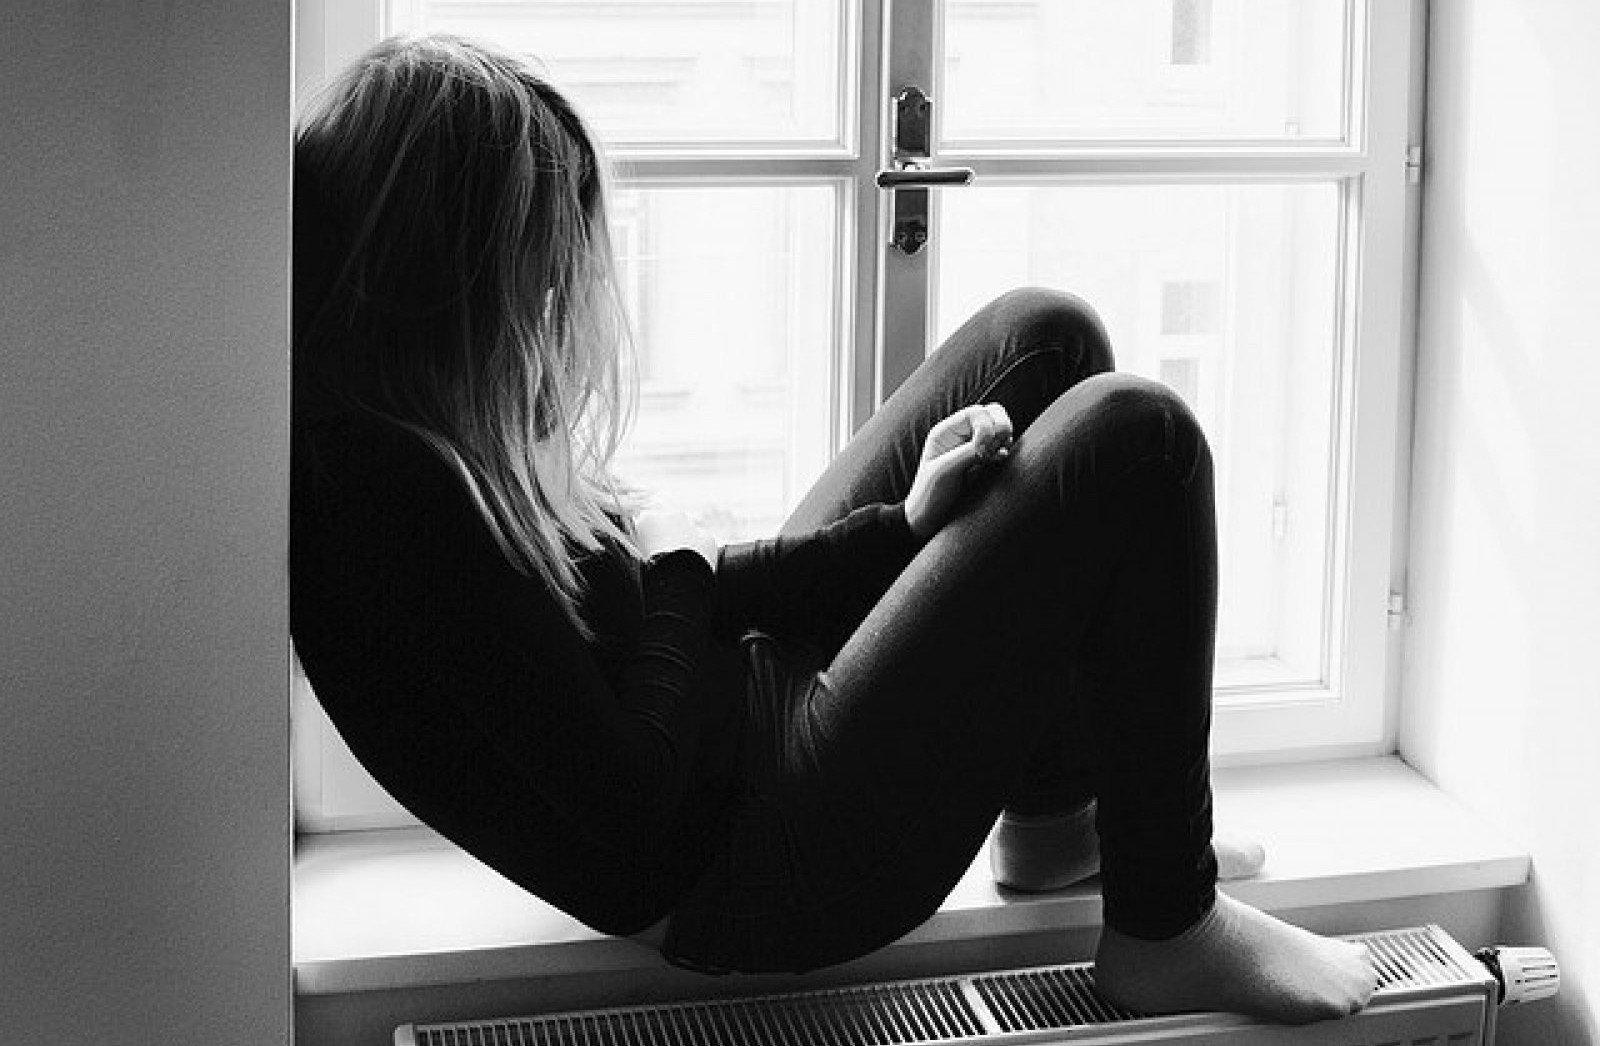 La depressió afecta l'estructura del cervell humà, segons un estudi